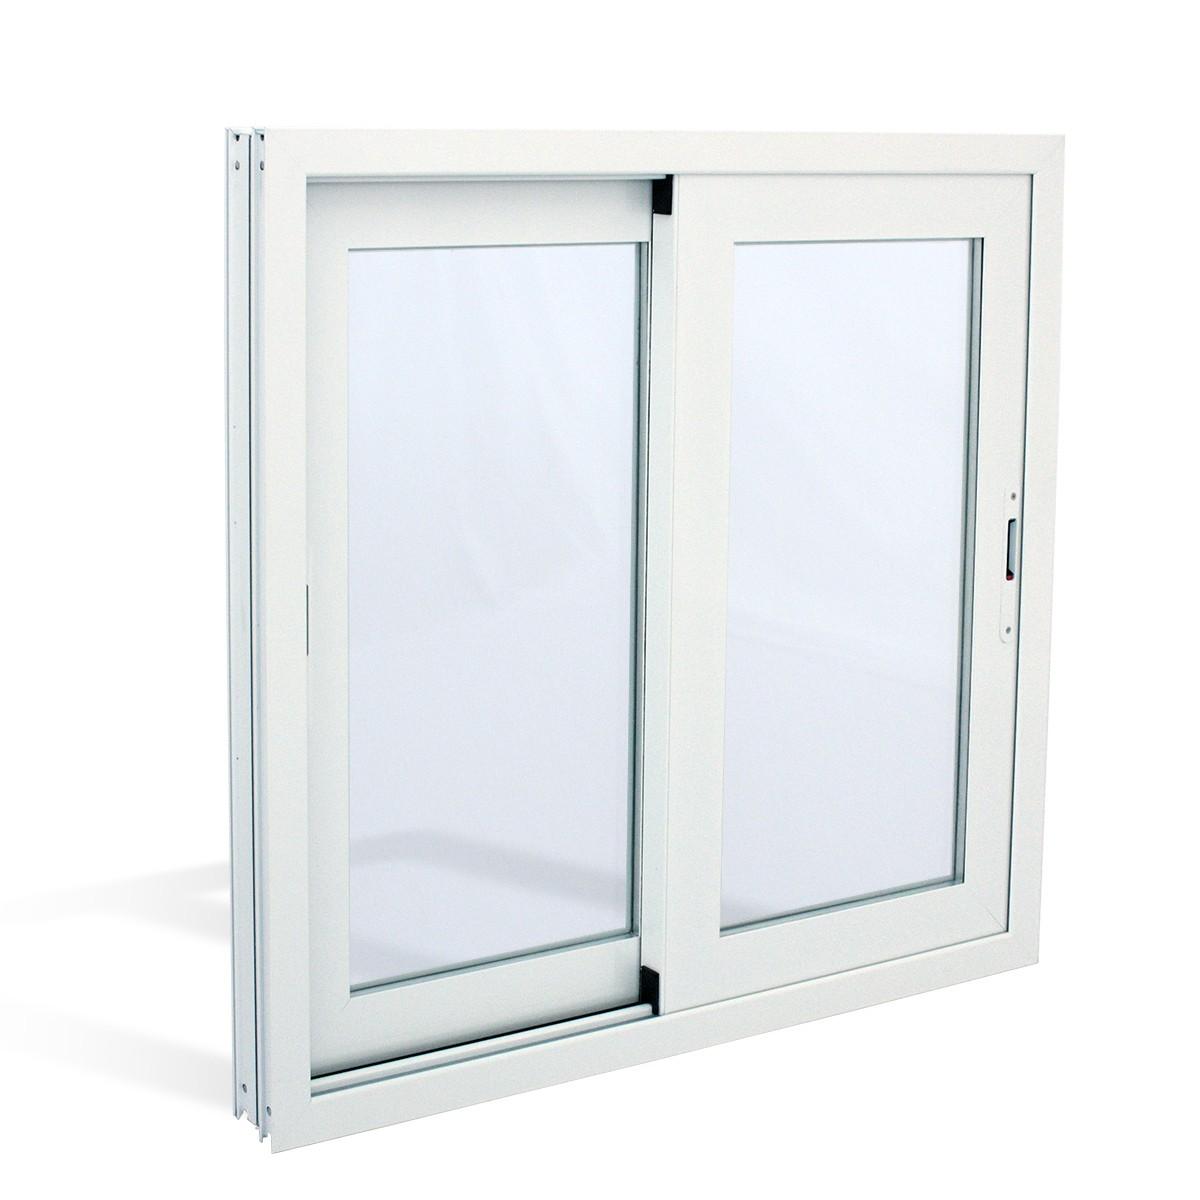 Puertas de aluminio correderas precios interesting for Correderas de aluminio precios